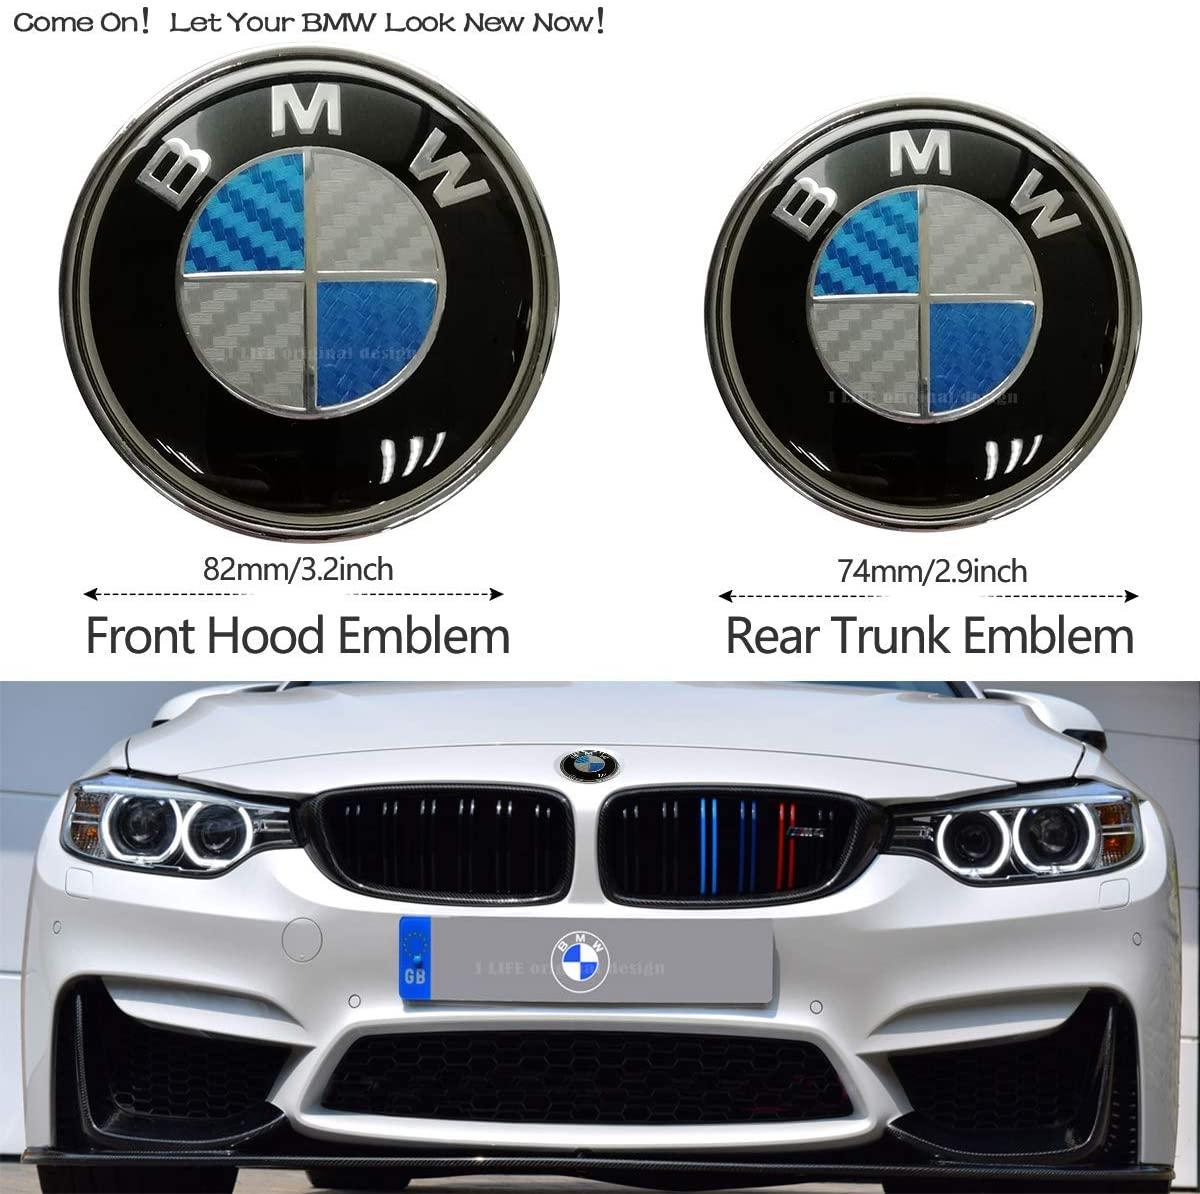 2pcs BMW Blue and Green 82mm Hood Emblem/74mm Trunk Emblem, Emblems Replacement for BMW X3 X5 X6 3 4 5 6 7 8 series 325i 328i E46 E30 E36 E34 E38 E39 E60 E65 E90